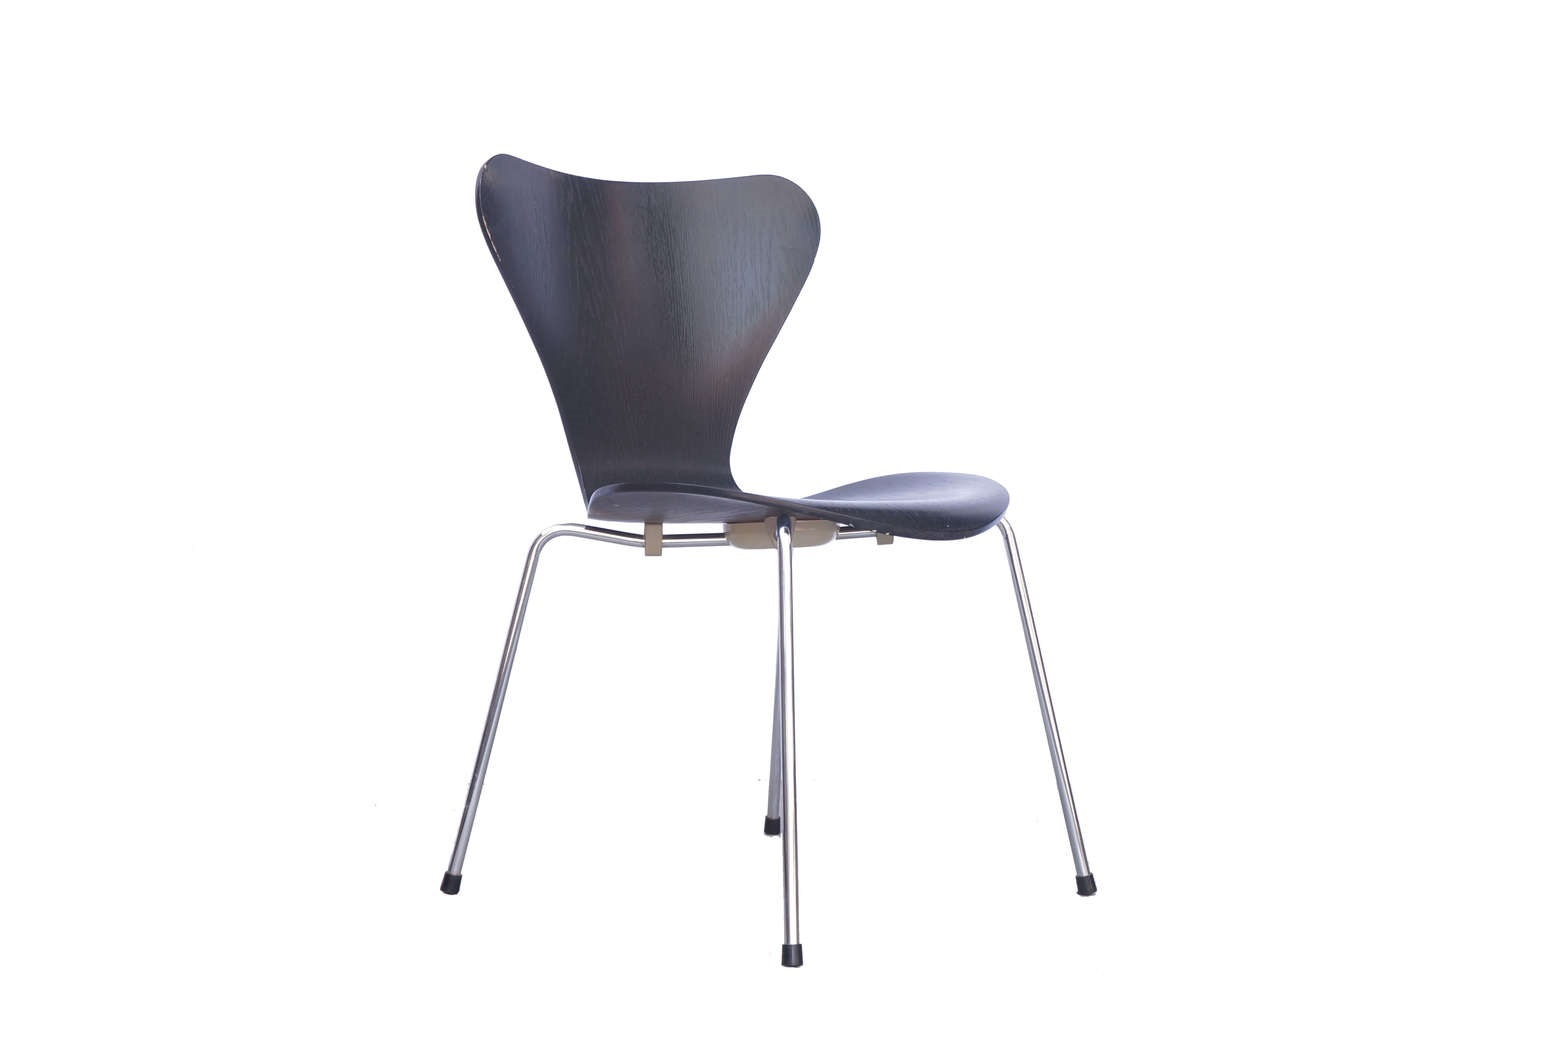 Fritz Hansen SEVEN CHAIR BLACK Design by Arne Jacobsen/ フリッツ・ハンセン セブンチェア ブラック アルネ・ヤコブセン デザイン 【商品説明】 デザインされてから60年以上経った、今現在もメディアなどで使用され 数あるフリッツハンセンのデザイン、機能性に優れた商品の中でも 随一の人気を誇る セブンチェア。 デンマークの建築家アルネ・ヤコブセンの代表作の一つであり シンプルモダンの代名詞とも言えるこちらのチェアの魅力は 外観の美しさもさることながら、 成型合板が生む、座った時の適度なしなりと、 左右に大きく広がった背もたれが、包み込むような安心感を与えてくれます。 また、木目の見えるカラードアッシュは、 他の家具と合わせていただいてもモダンになりすぎず、馴染んでくれますので 様々なインテリアコーディネートをお楽しみいただけます。 フリッツ・ハンセンの家具をお探しの方や、 セブンチェアをお探しの方は,この機会に是非いかがでしょうか♪~【東京都杉並区阿佐ヶ谷北アンティークショップ 古一】 古一/ふるいちでは出張無料買取も行っております。杉並区周辺はもちろん、世田谷区・目黒区・武蔵野市・新宿区等の東京近郊のお見積もりも!ビンテージ家具・インテリア雑貨・ランプ・USED品・ リサイクルなら古一/フルイチへ~